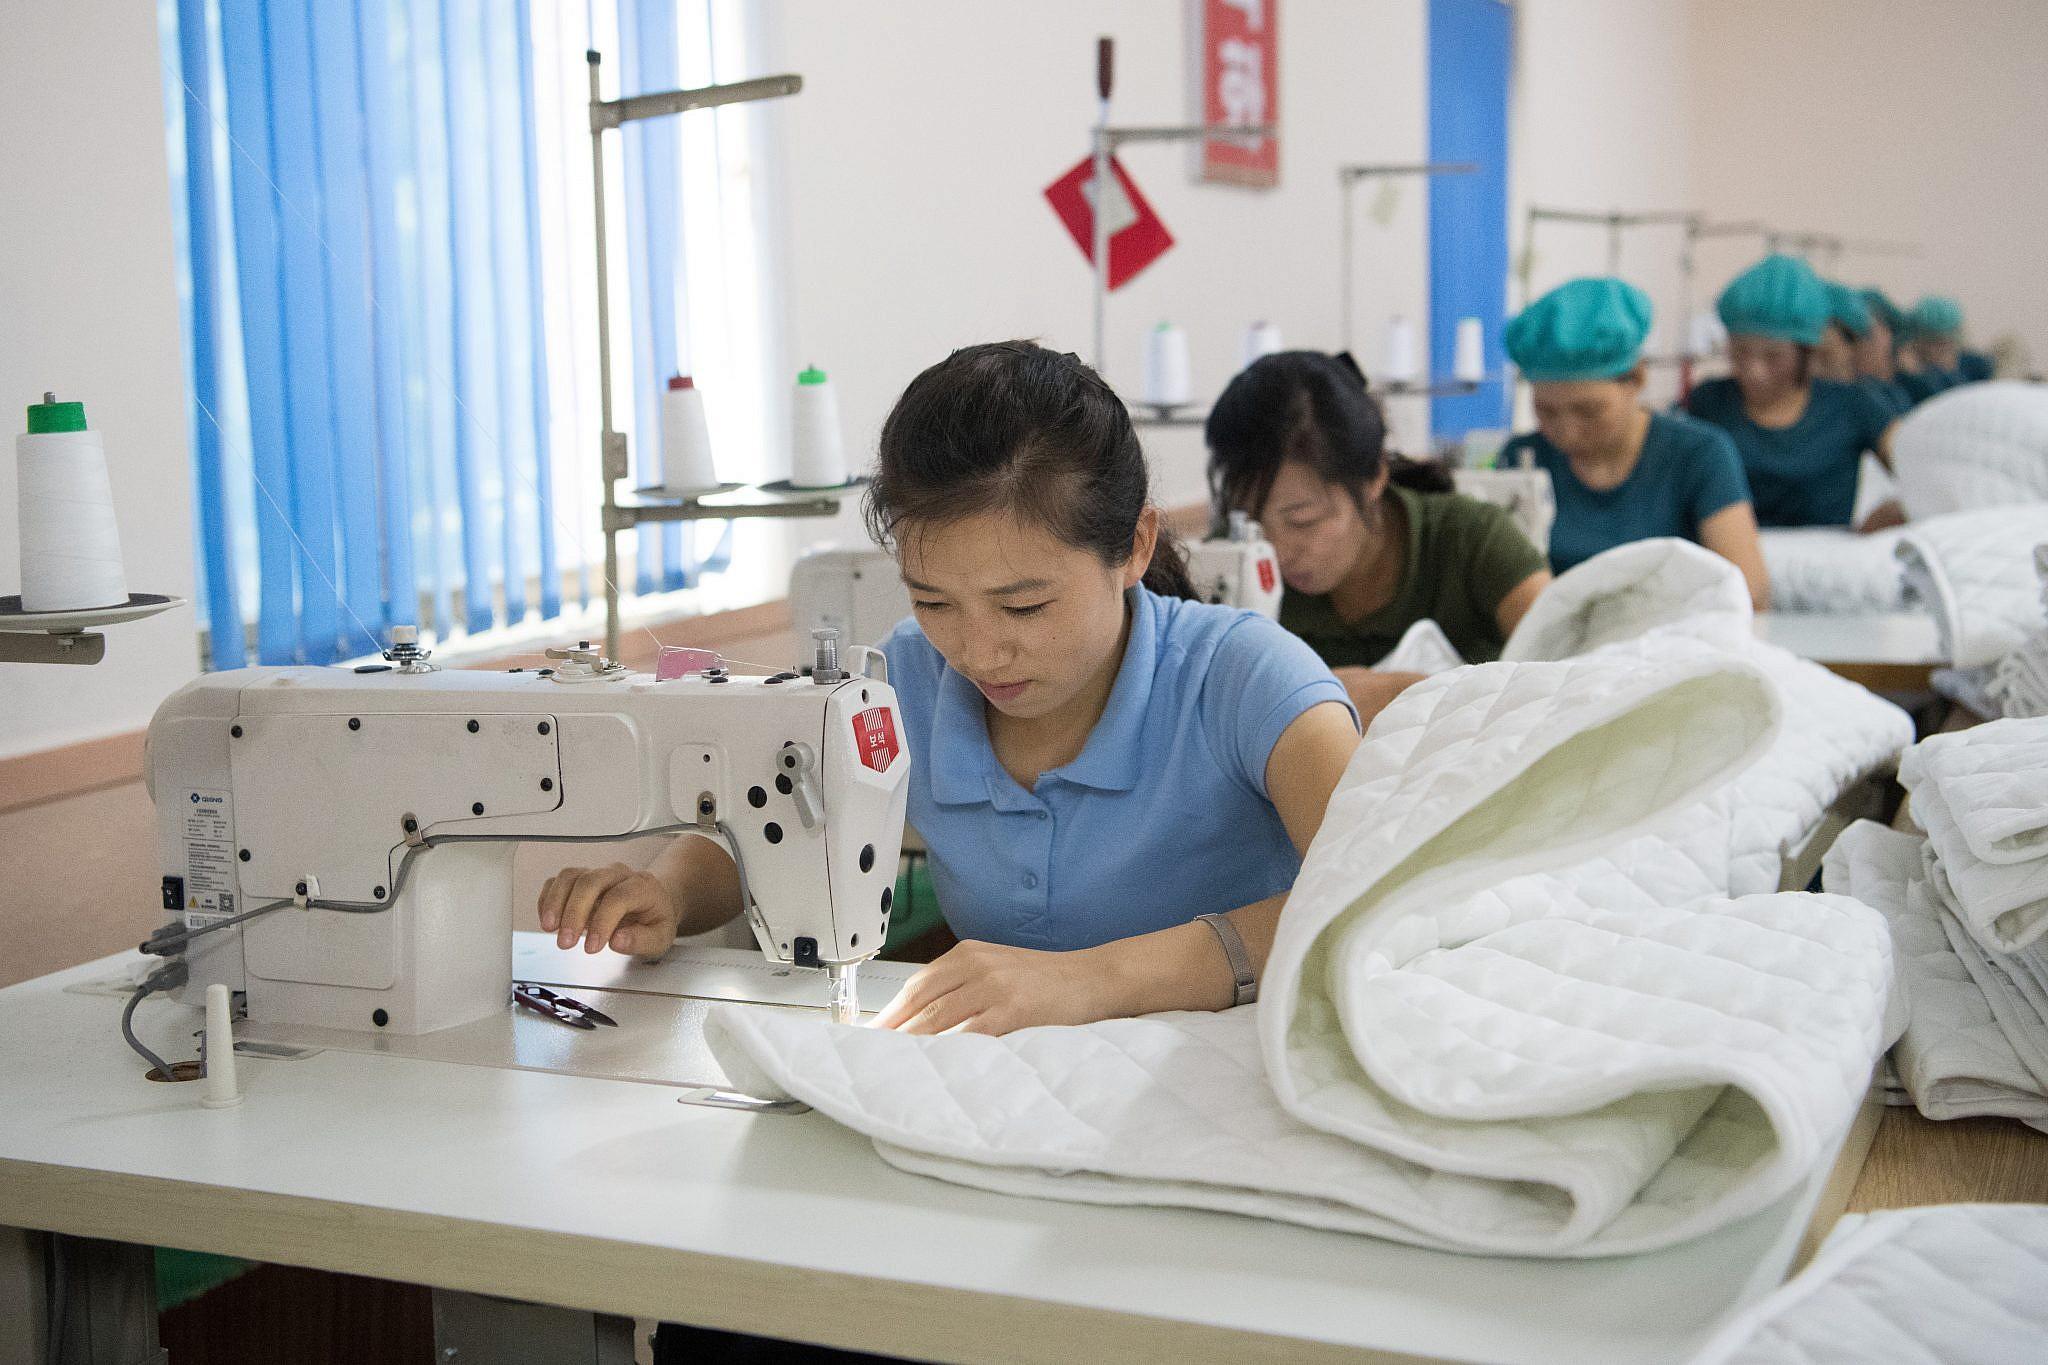 נשים תופרות במפעל בצפון קוריאה | צילום: Carl Court/Getty Images